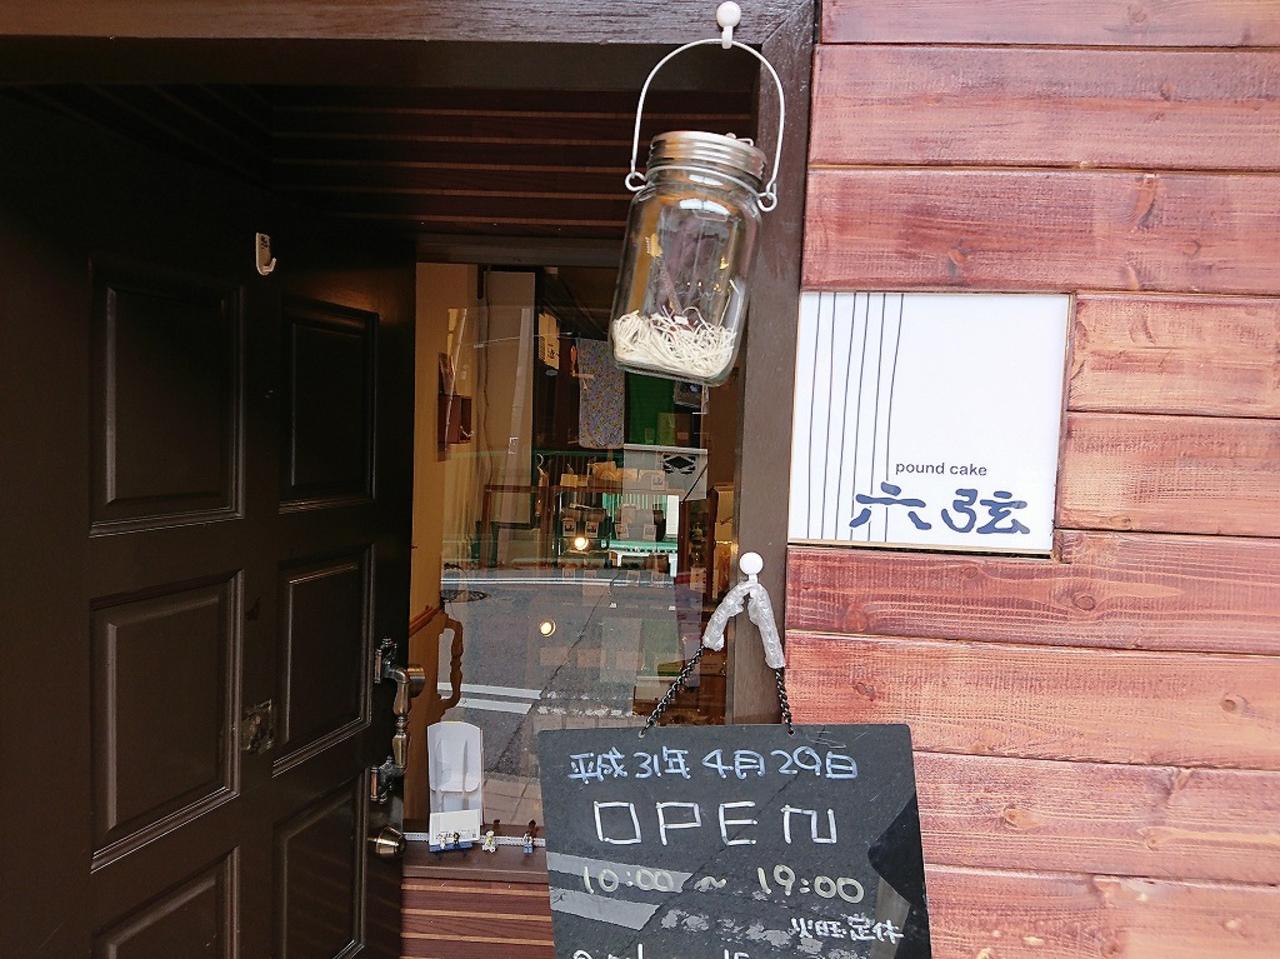 東淀川区豊新5丁目のパウンドケーキ店『六弦(ろくげん)』に行ってきました。。。